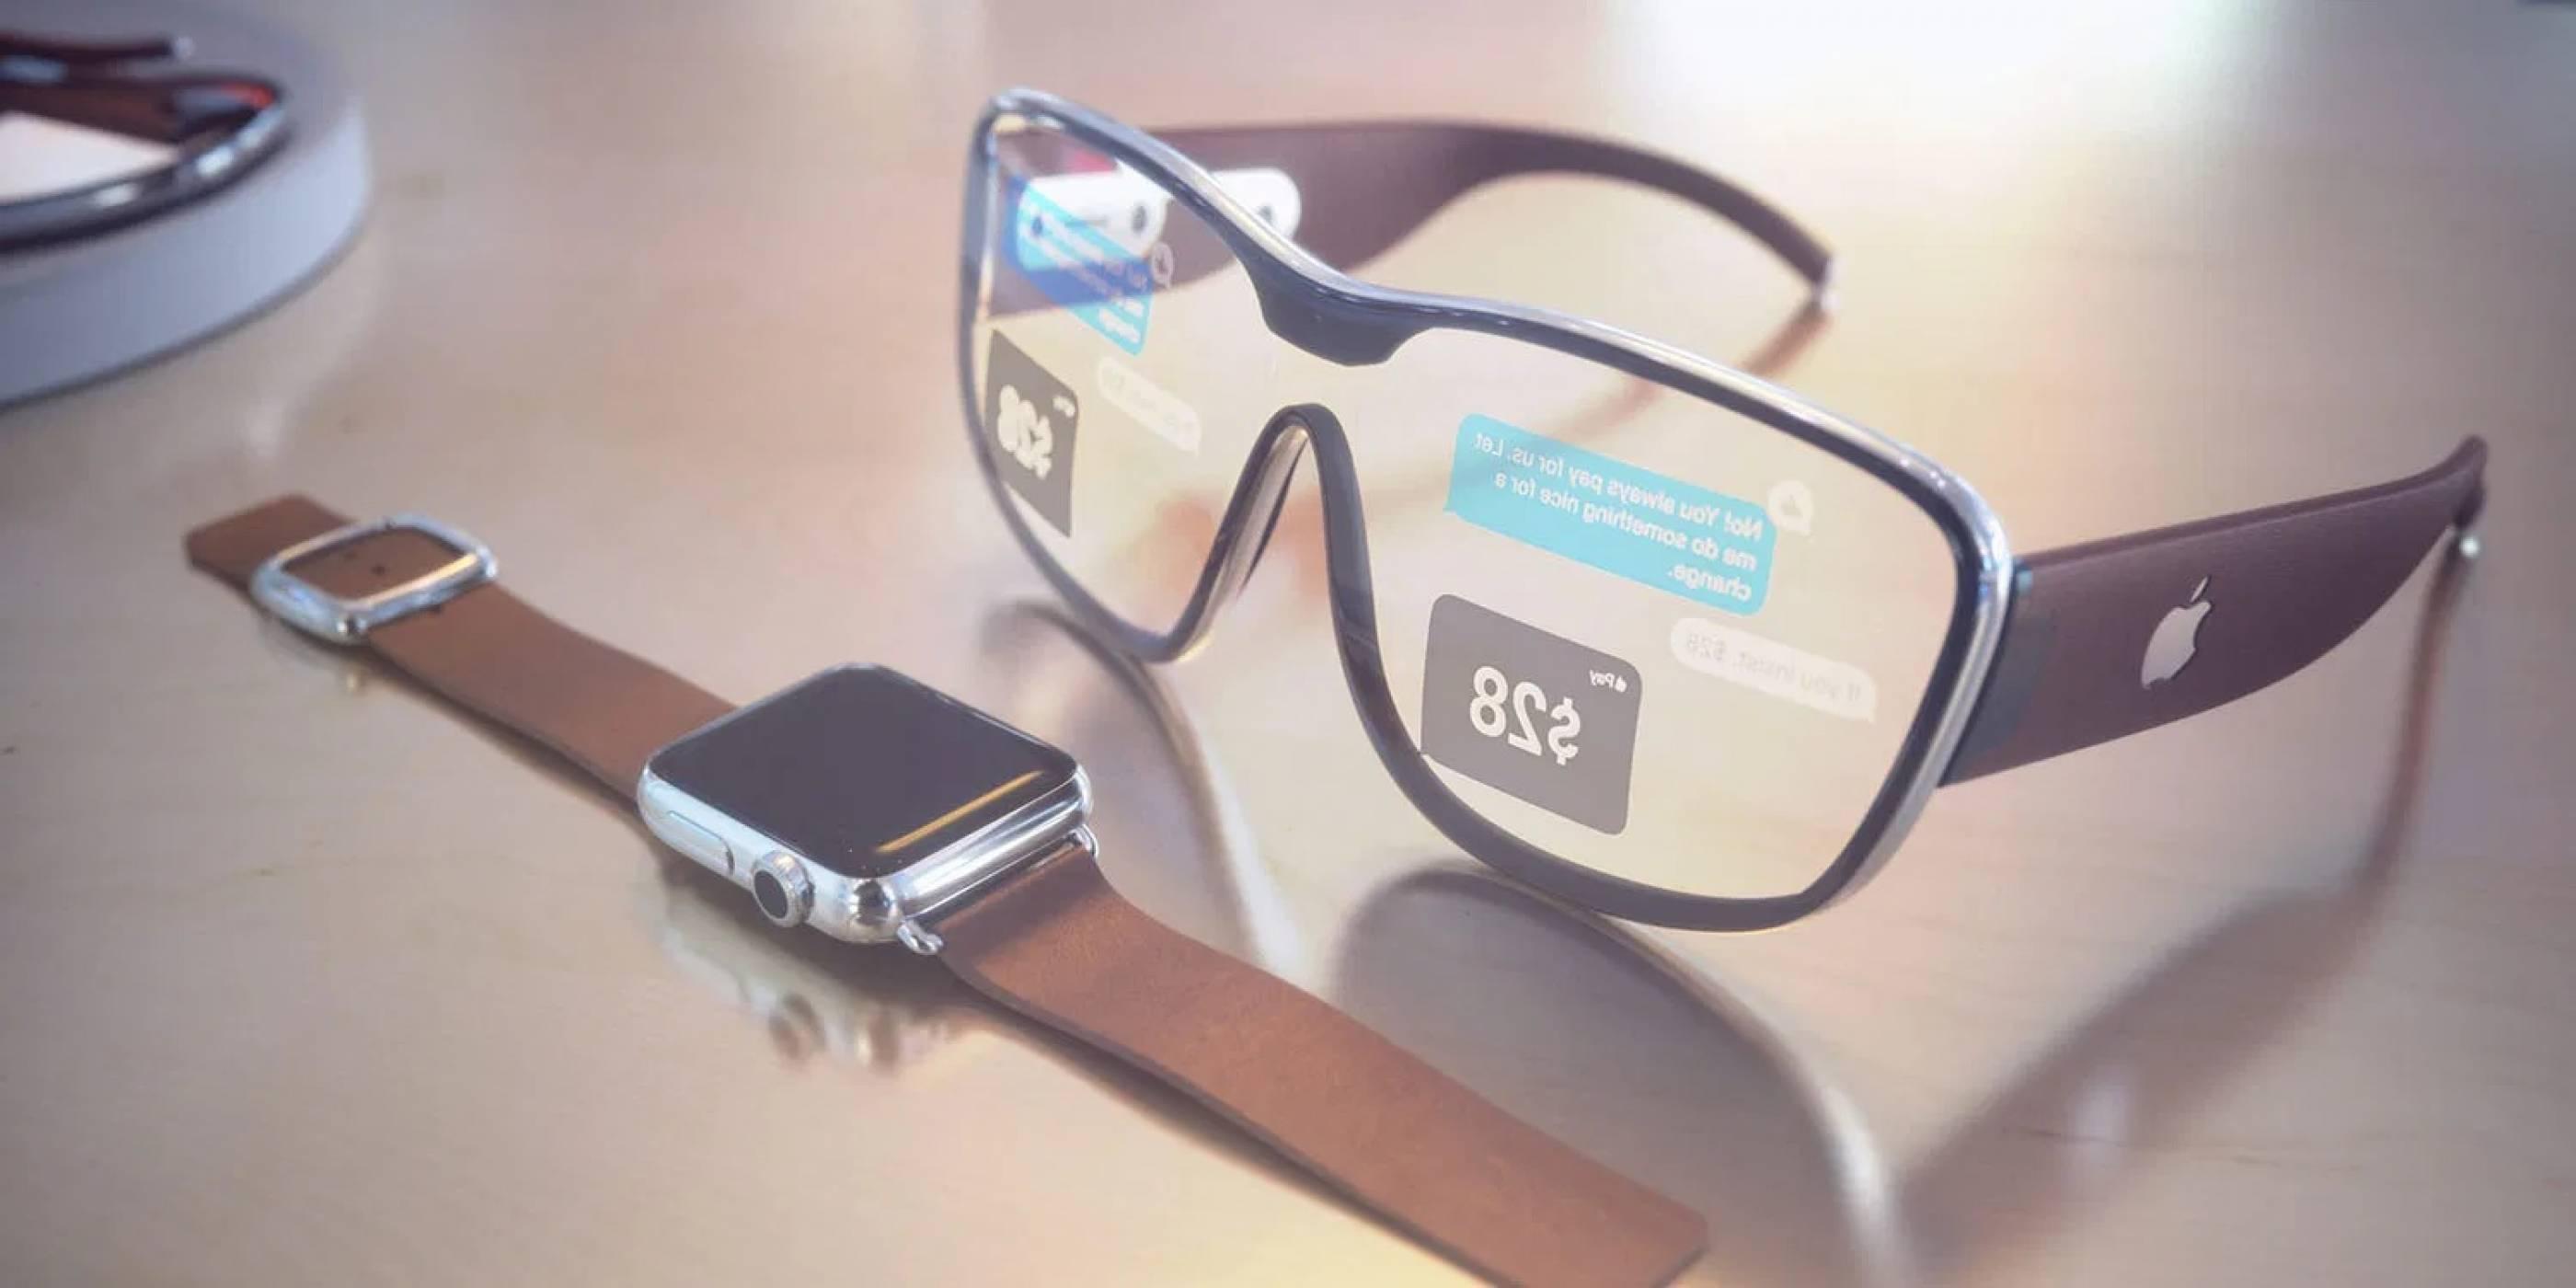 През 2022 г. се надяваме да носим AR каската на Apple